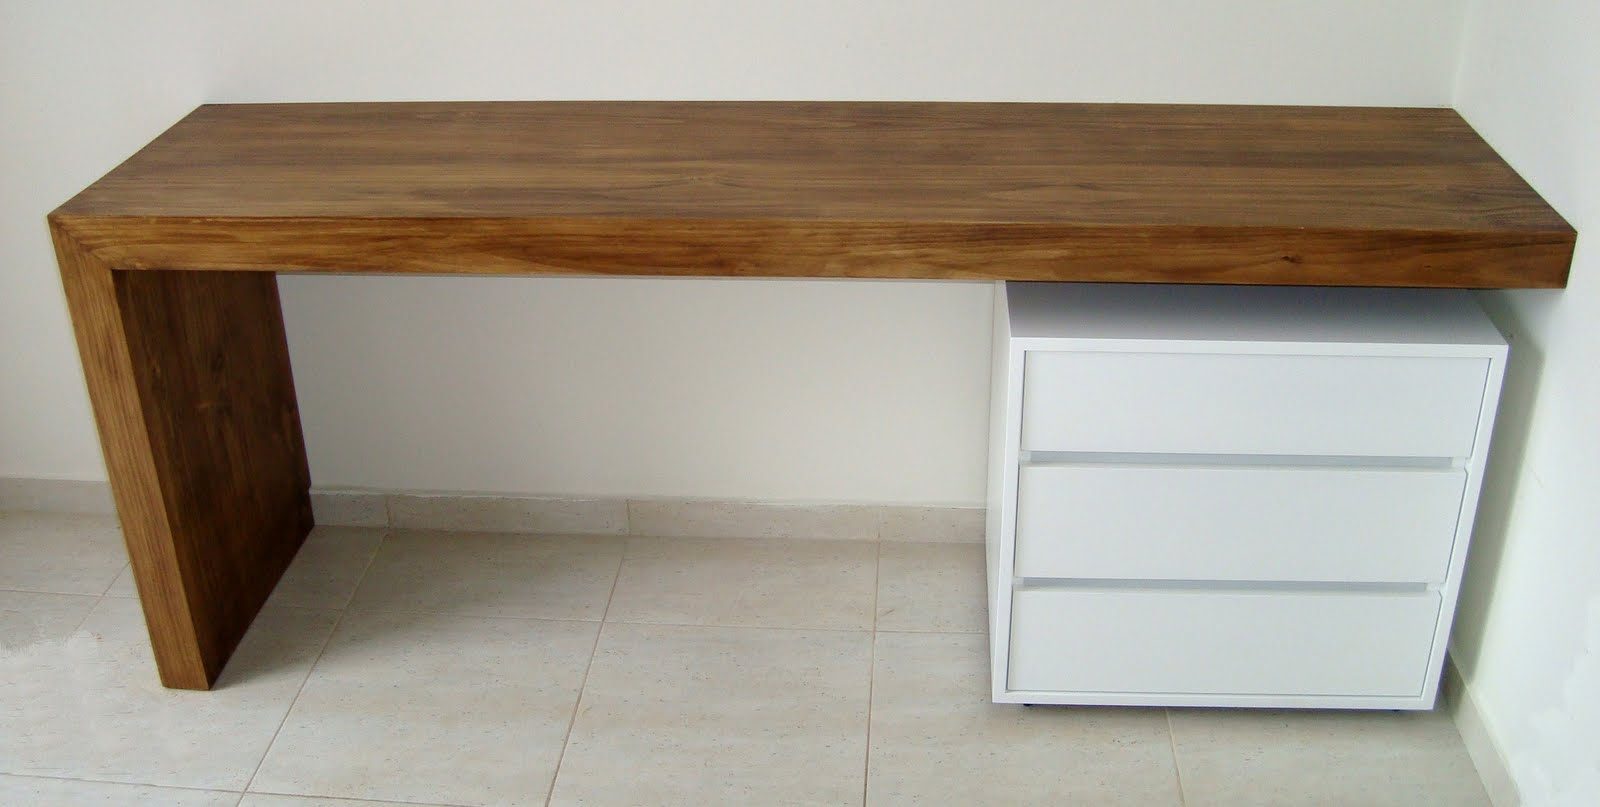 Madeira Brazil: Mesas e bancadas em madeira maciça e de demolição #6C4826 1600 807